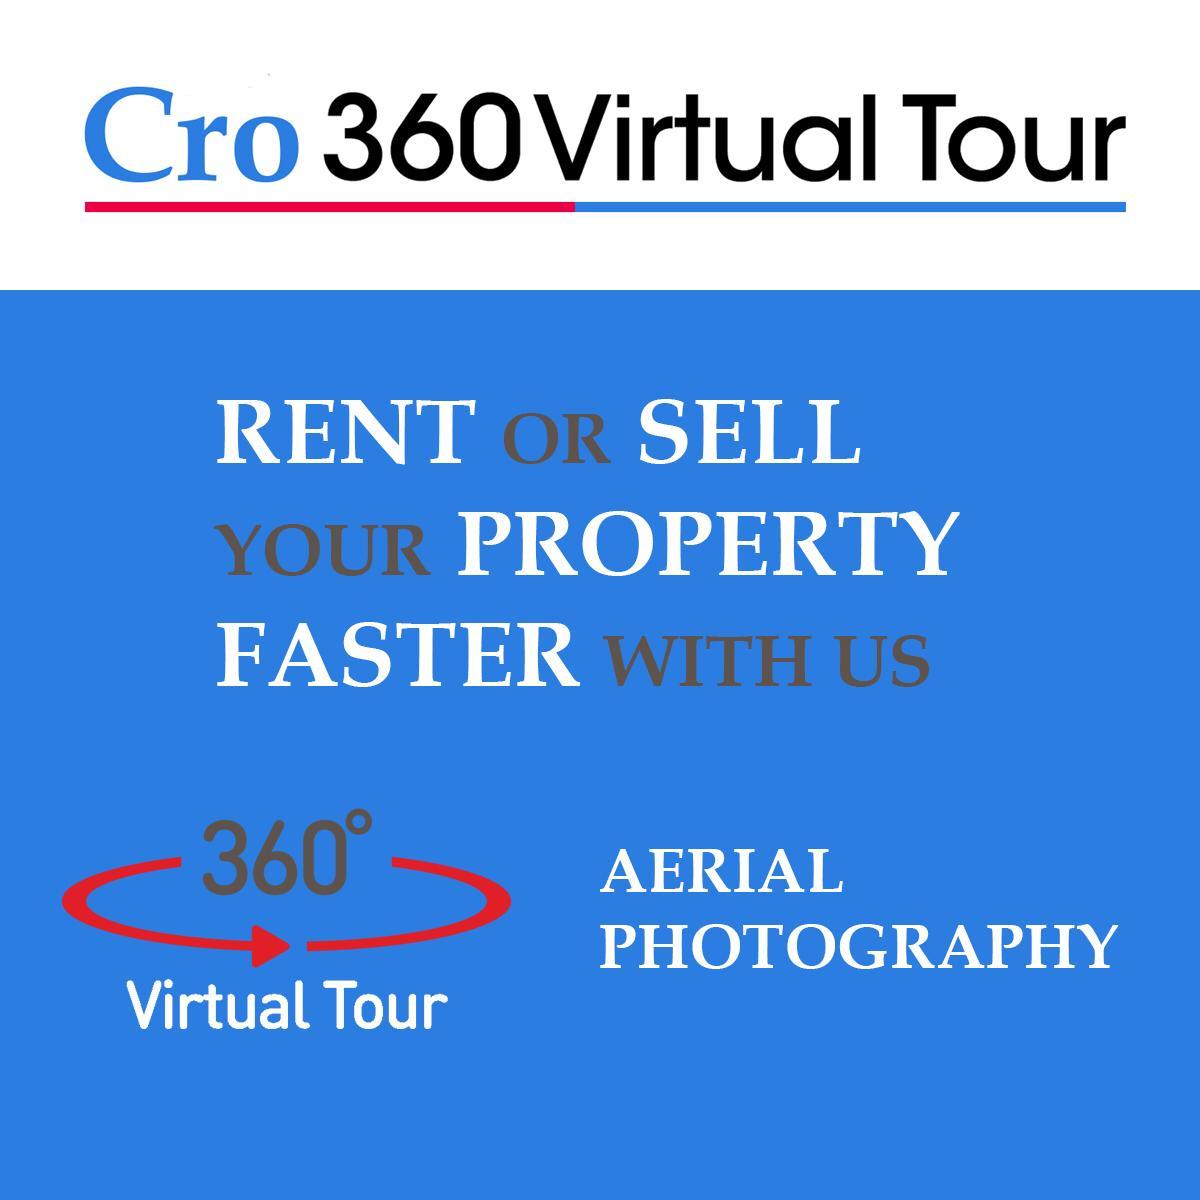 Cro 360 Virtual Tour